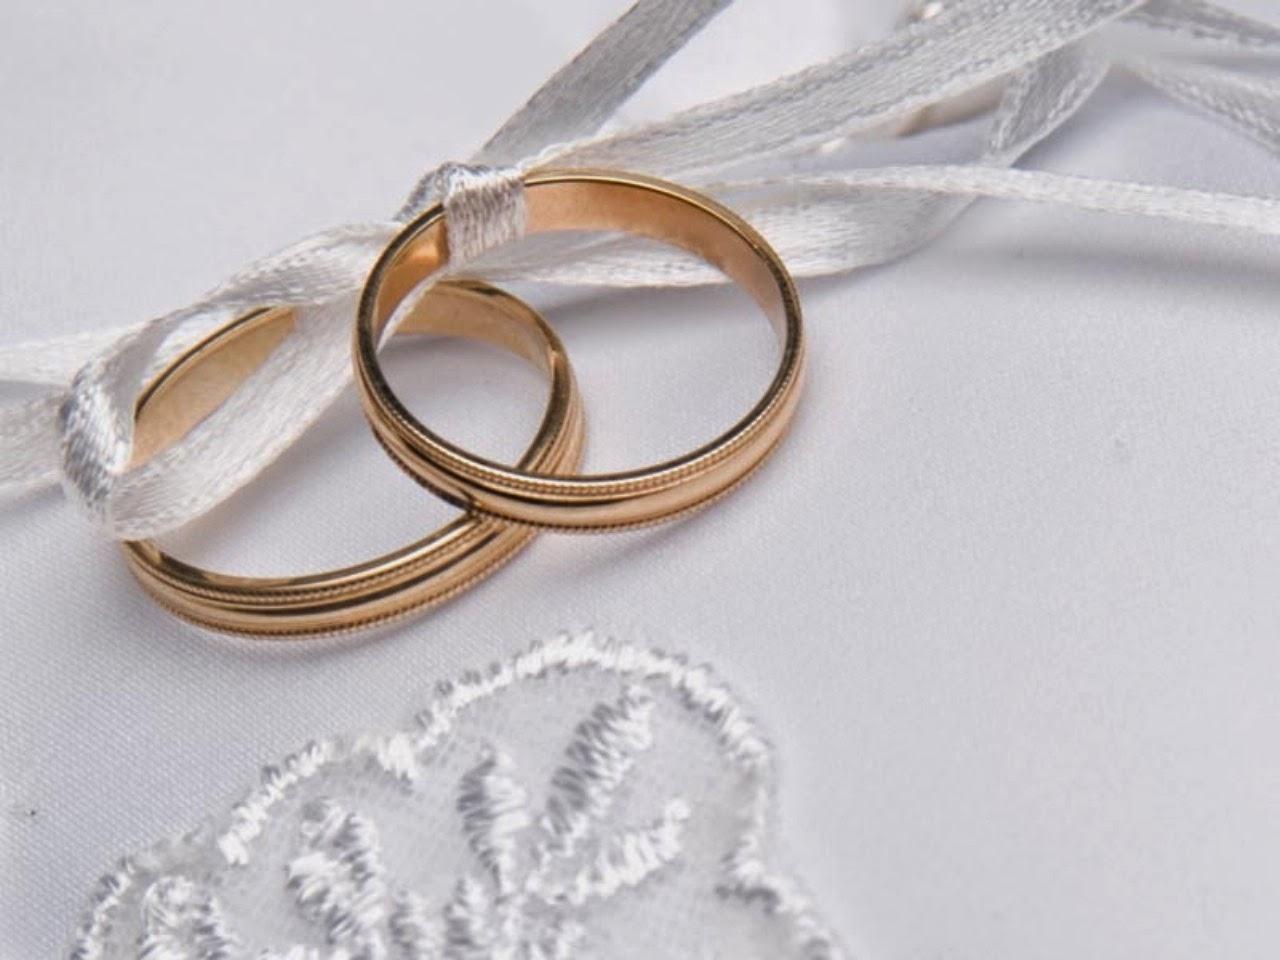 صورة خلفيات زواج , اجمل خلفيات الزفاف لسطح المكتب